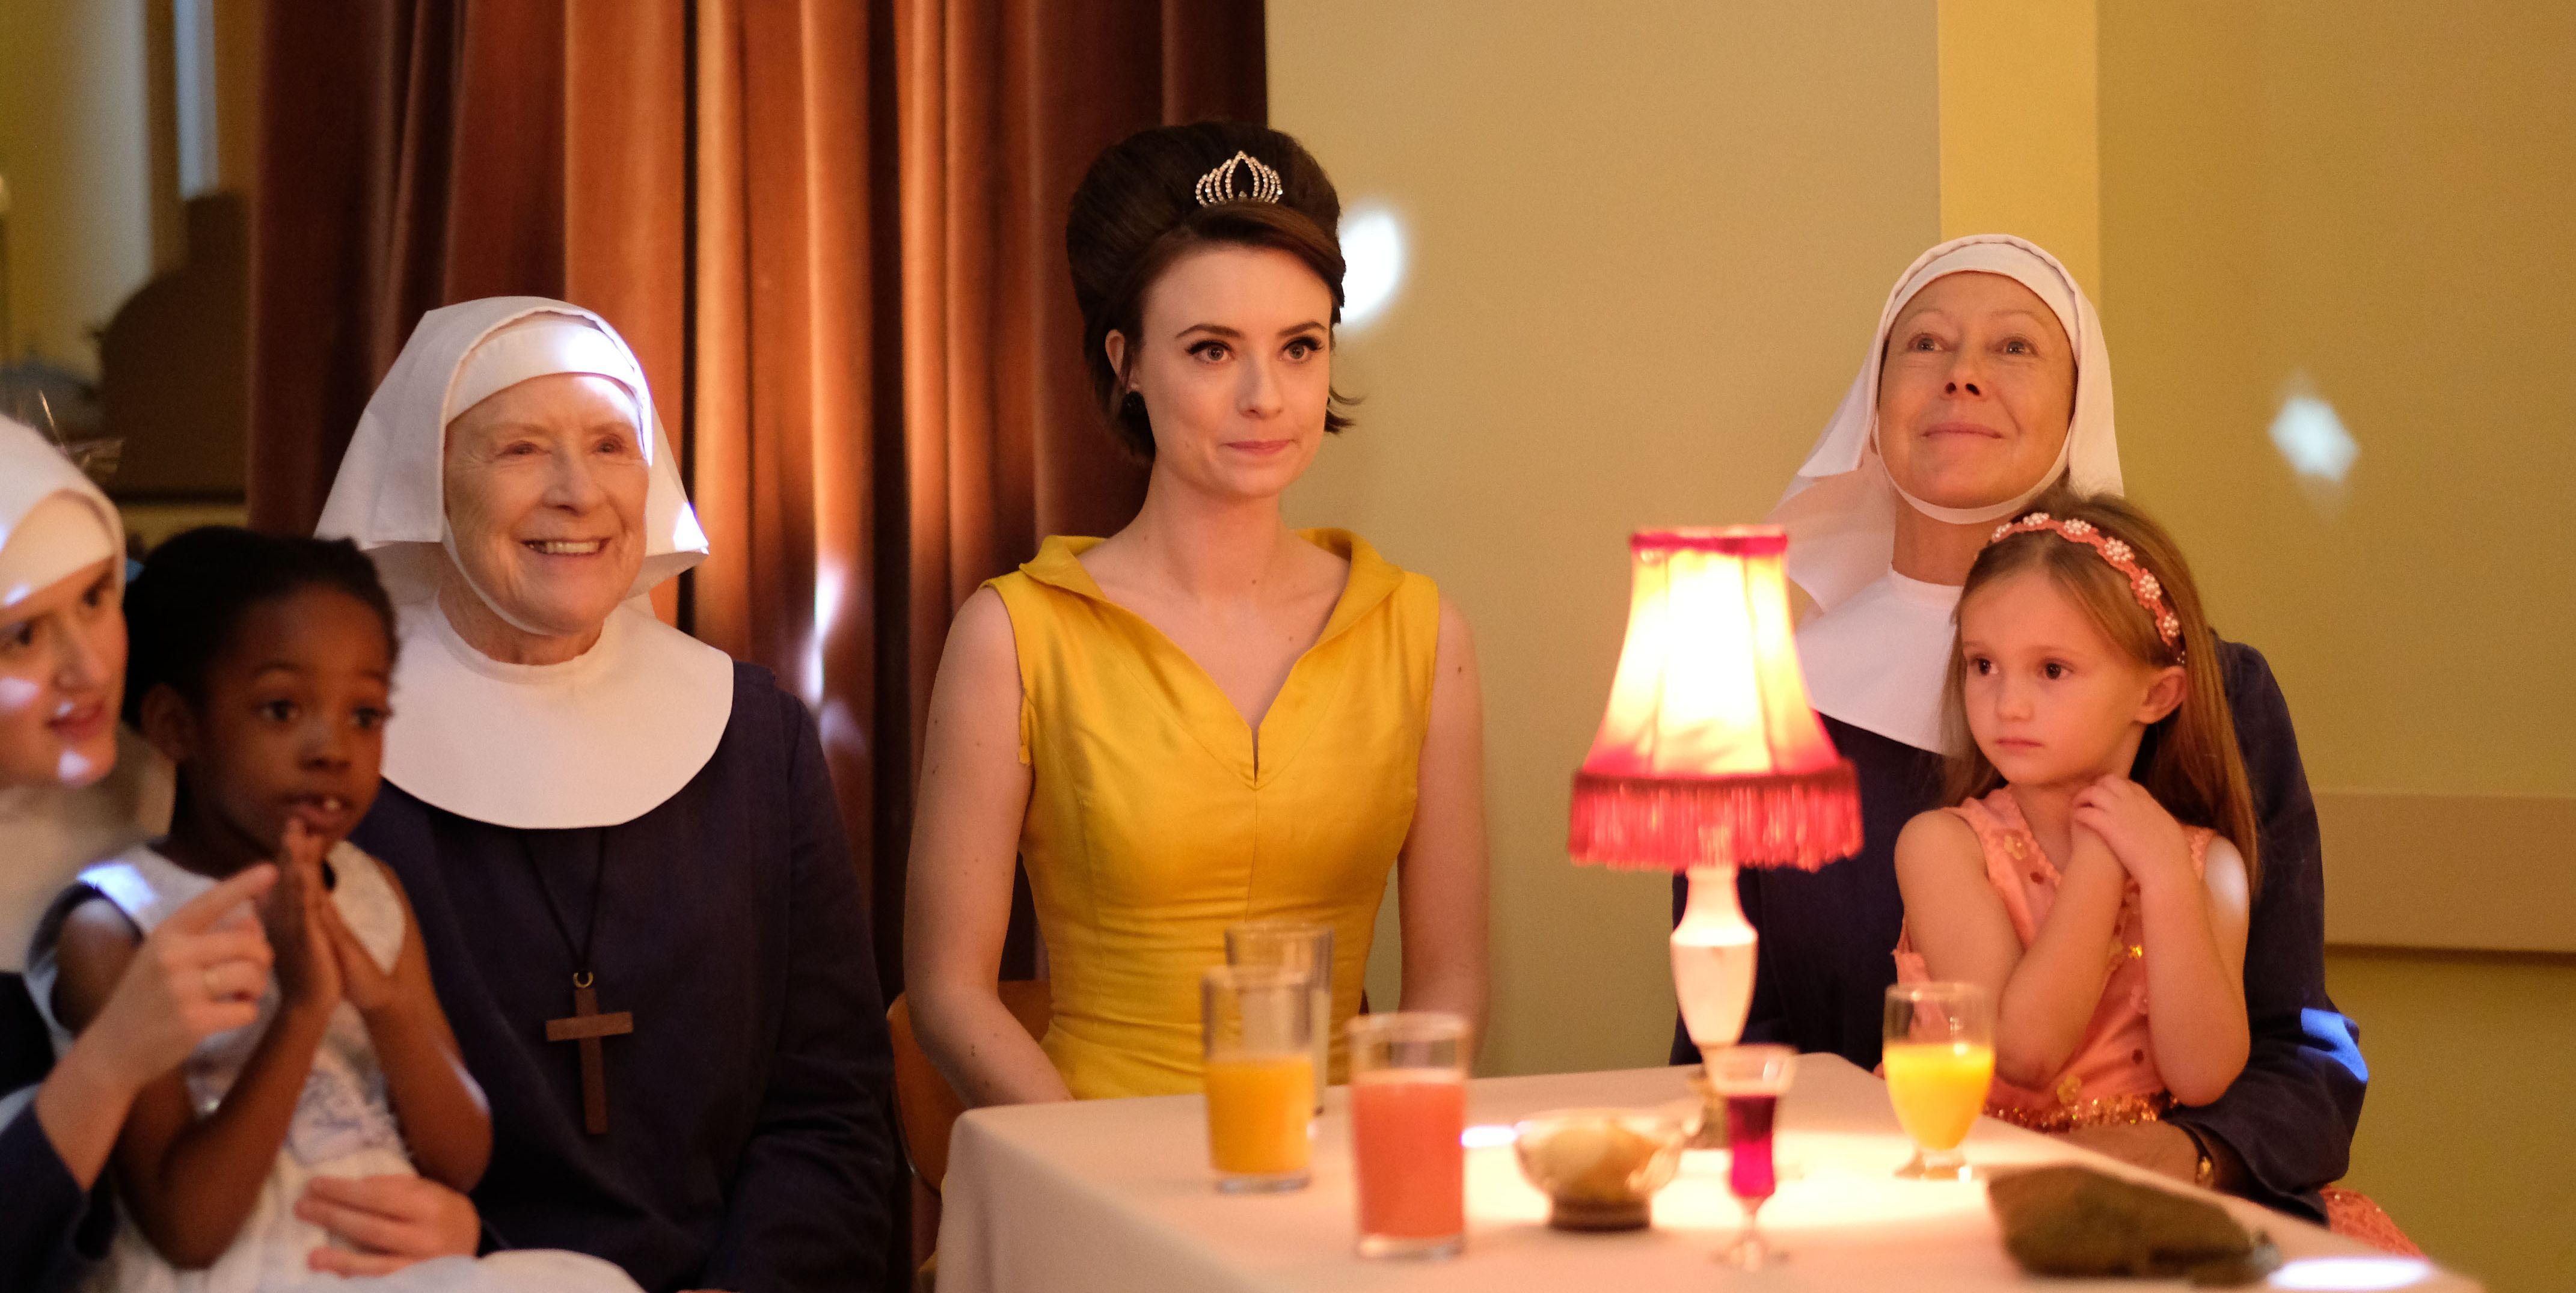 Call The Midwife season 8 episode 8 reaction